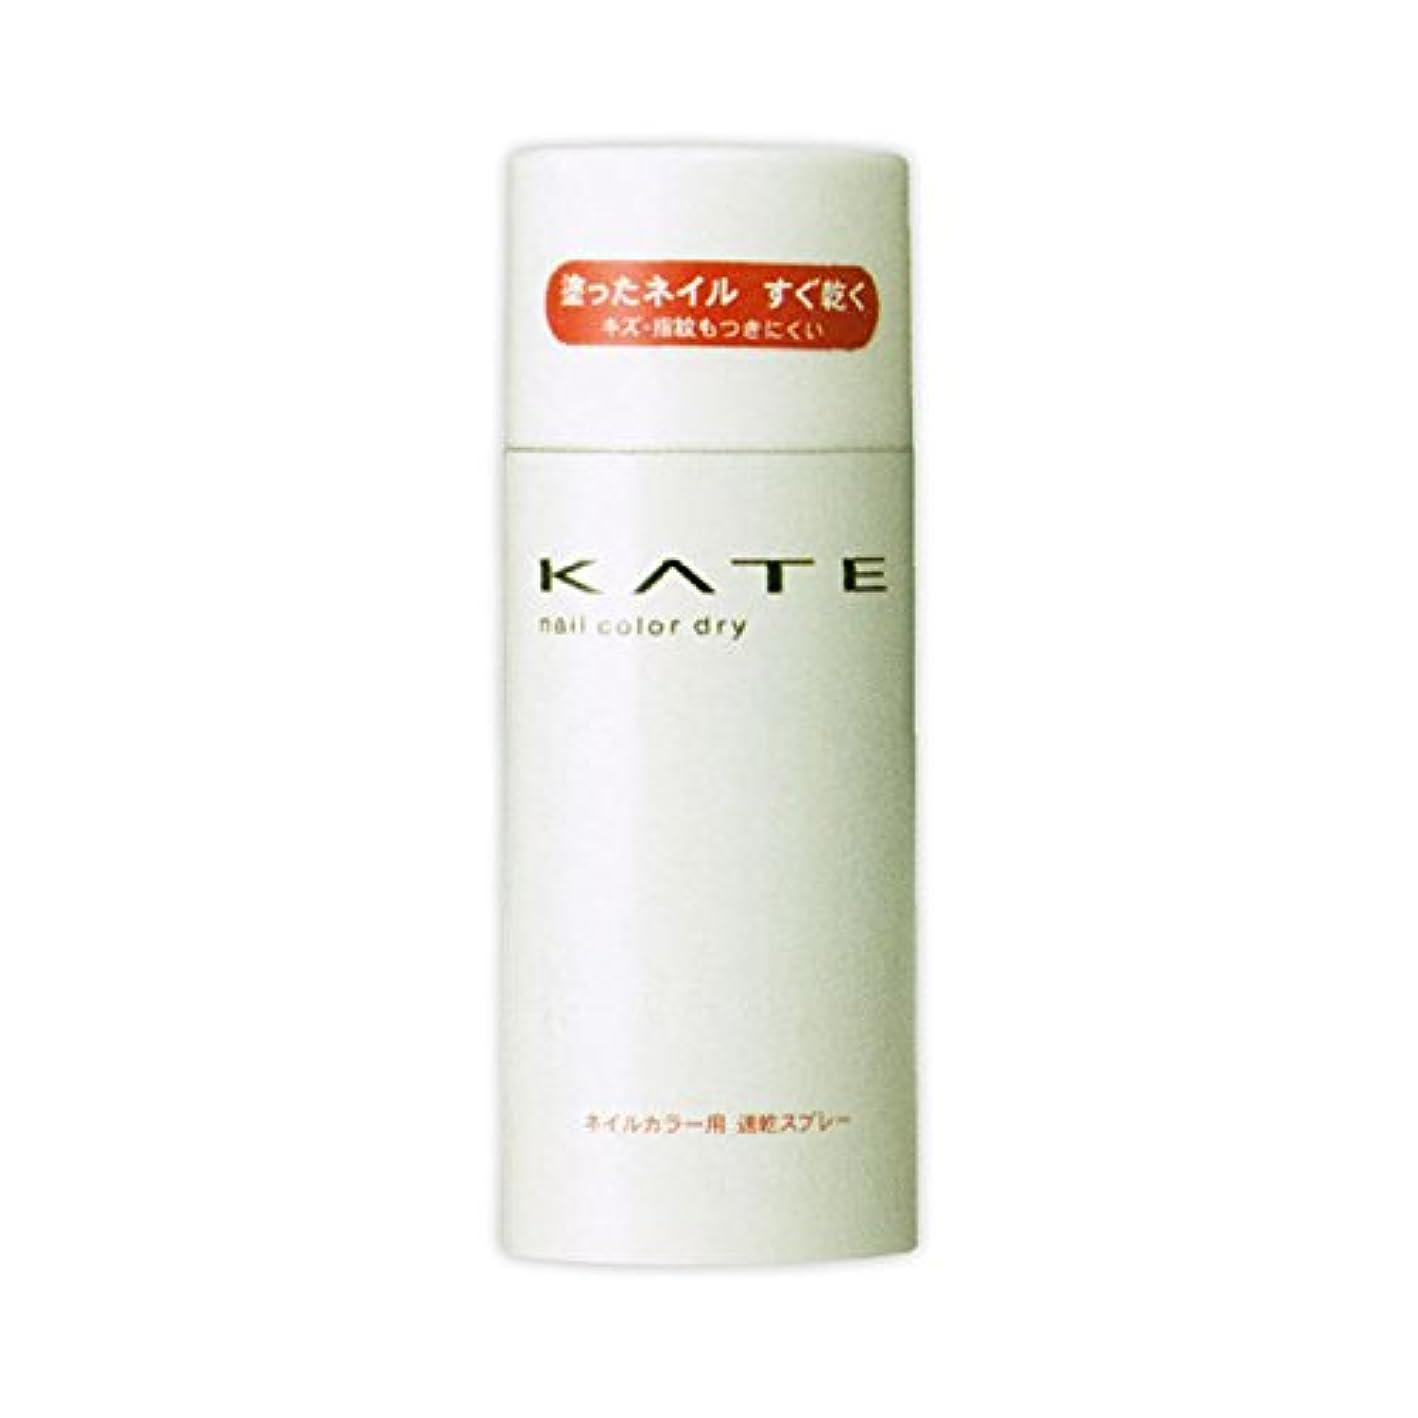 方言容疑者収穫カネボウ ケイト KATE ネイルカラードライ S 90g